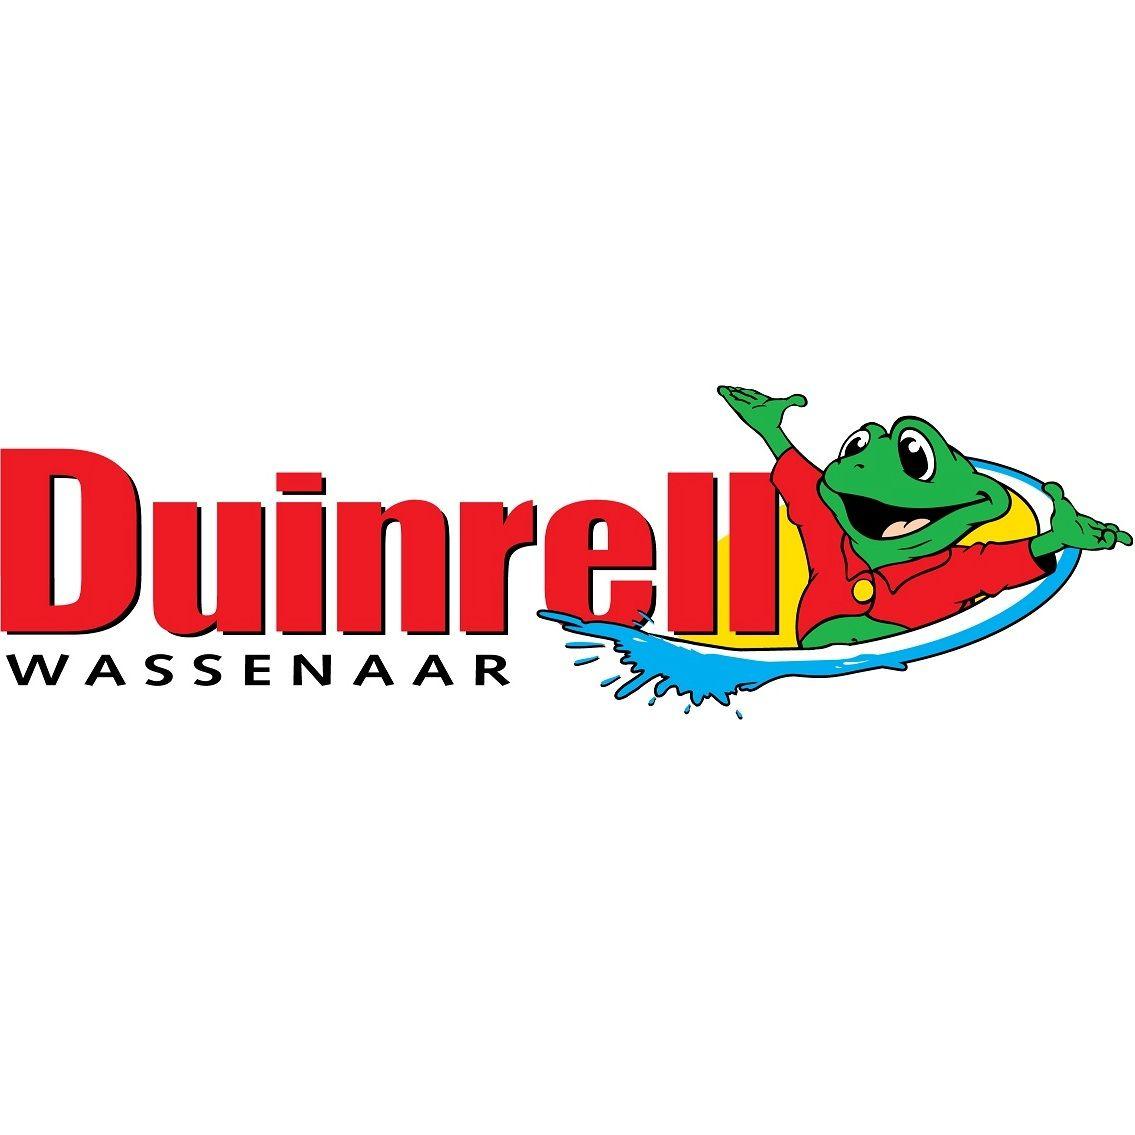 Duinrell Tickets via blokker voor maar €15,00 inclusief onbeperkt tiki bad, vanaf 20 augustus beschikbaar!